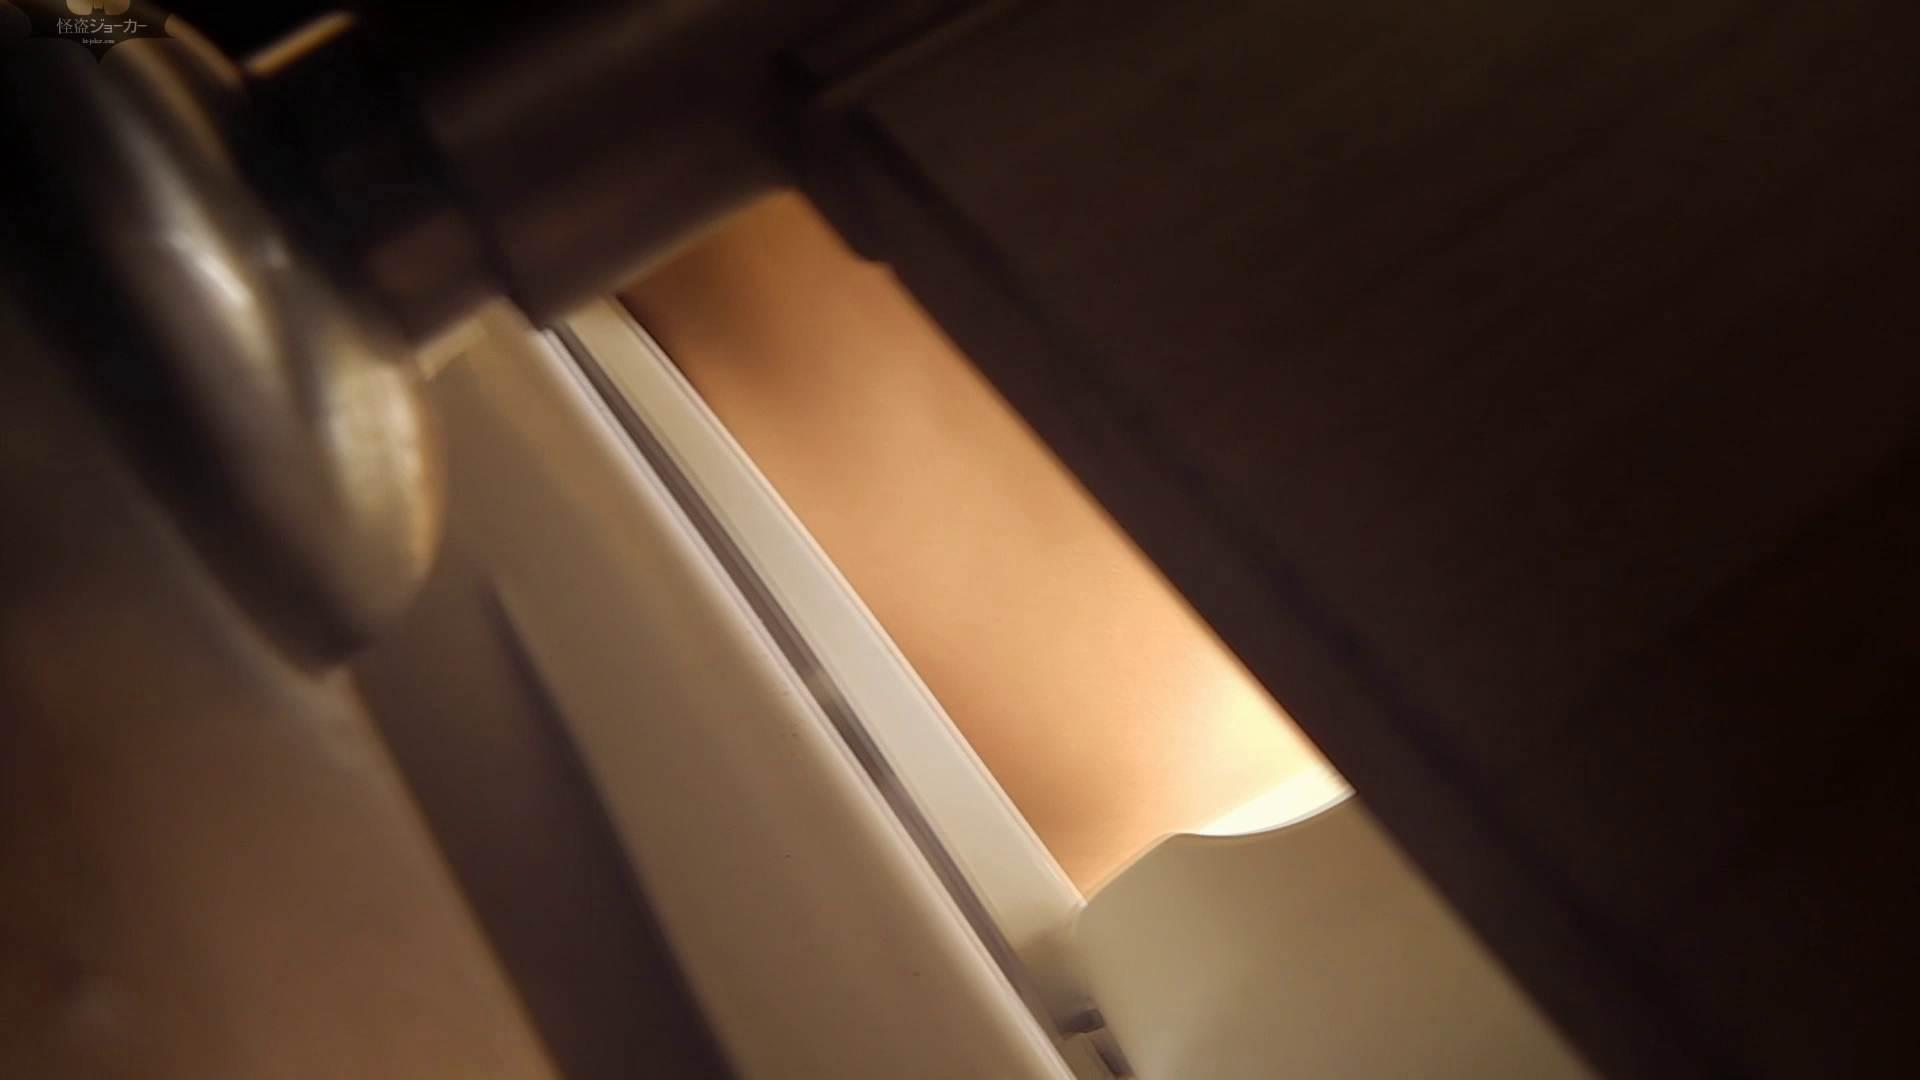 阿国ちゃんの和式洋式七変化 Vol.24 すっごくピクピクしてます。 洗面所のぞき ワレメ動画紹介 89枚 54